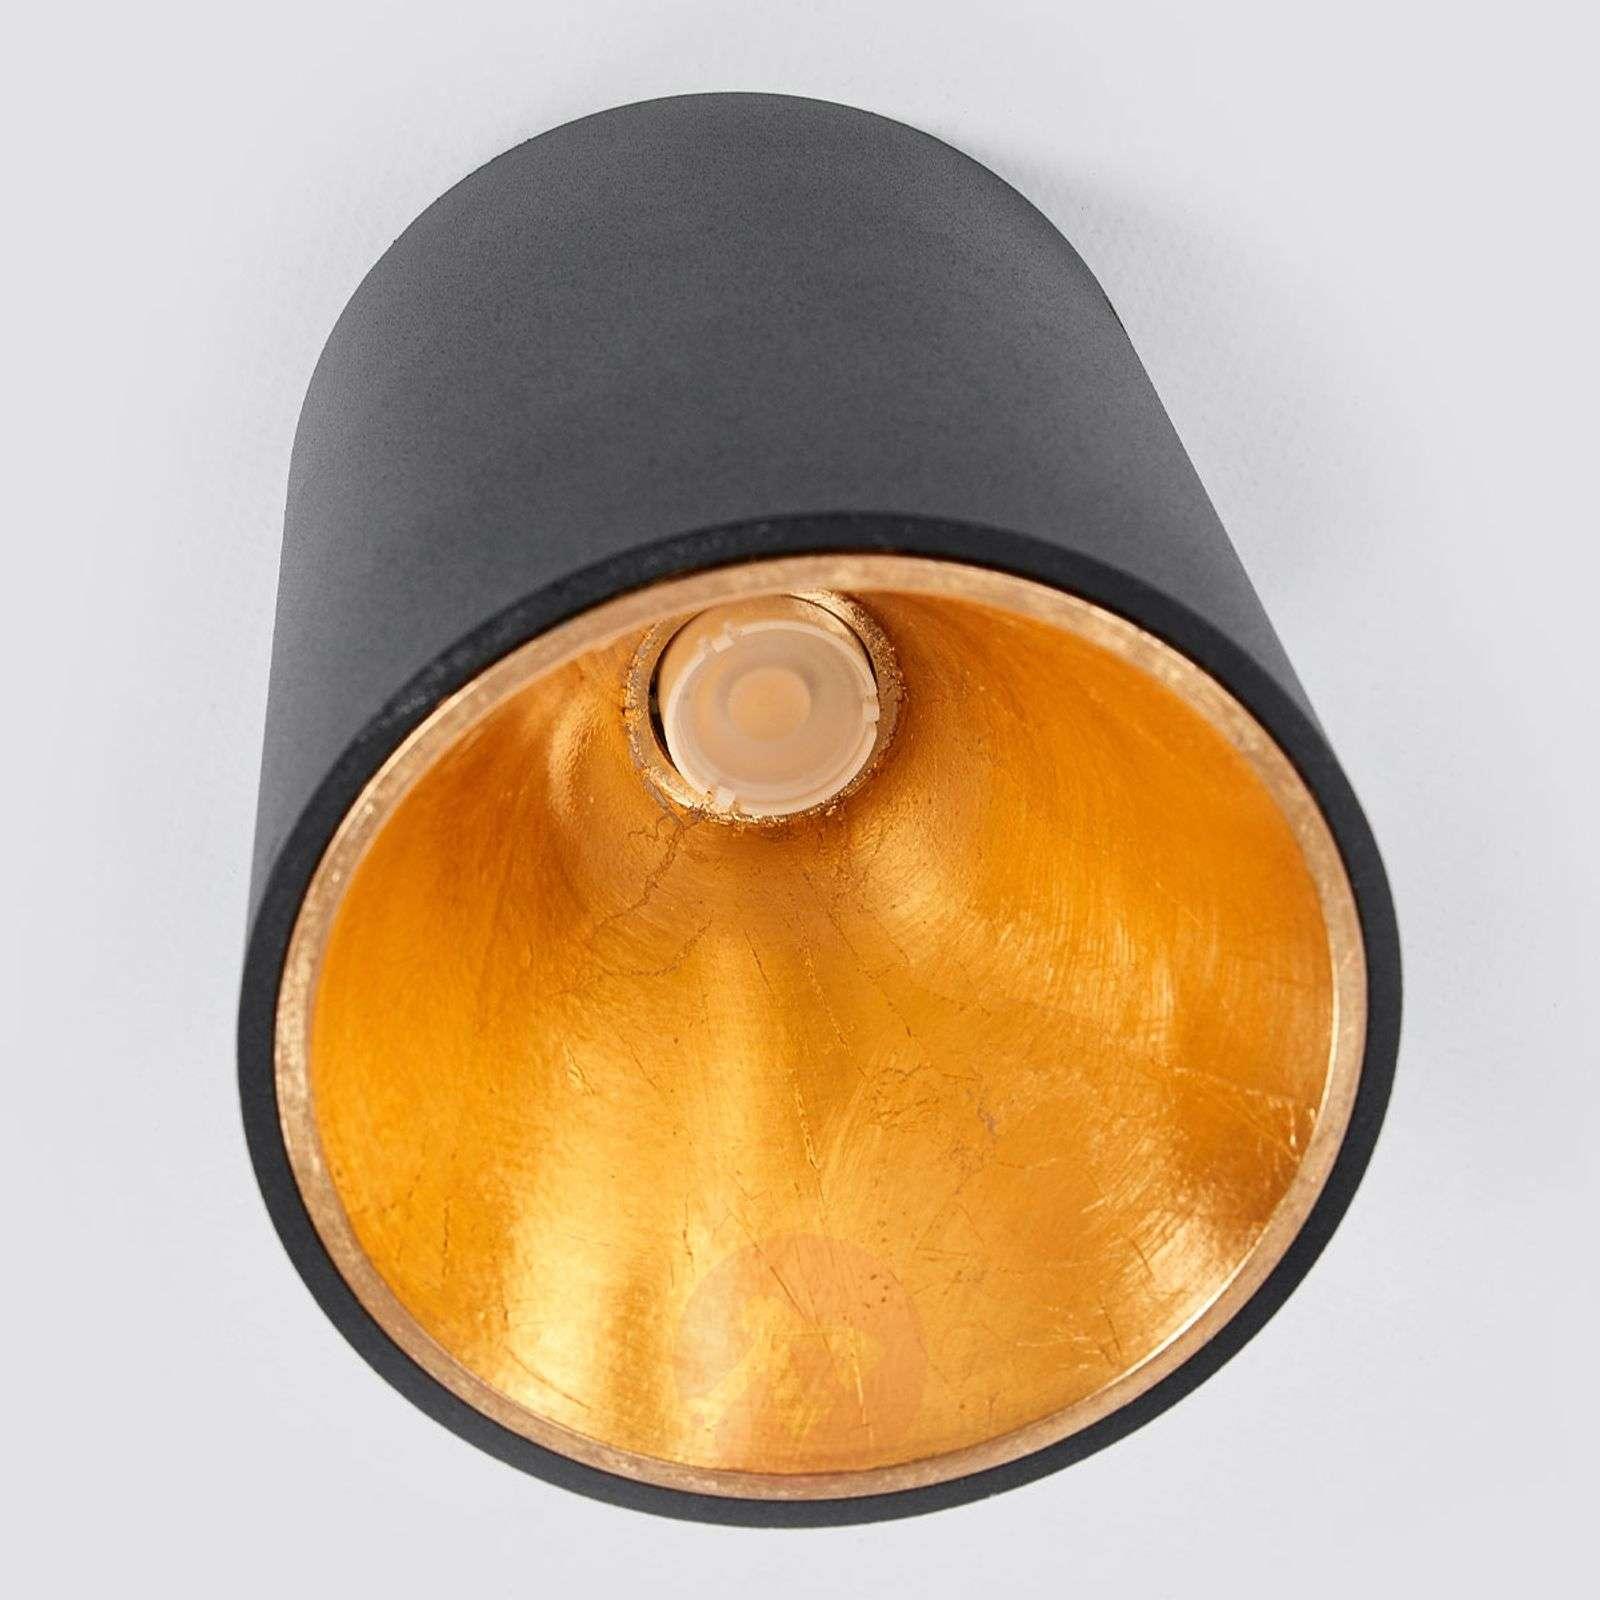 Black and gold LED ceiling lamp Juma, round-3035011-02